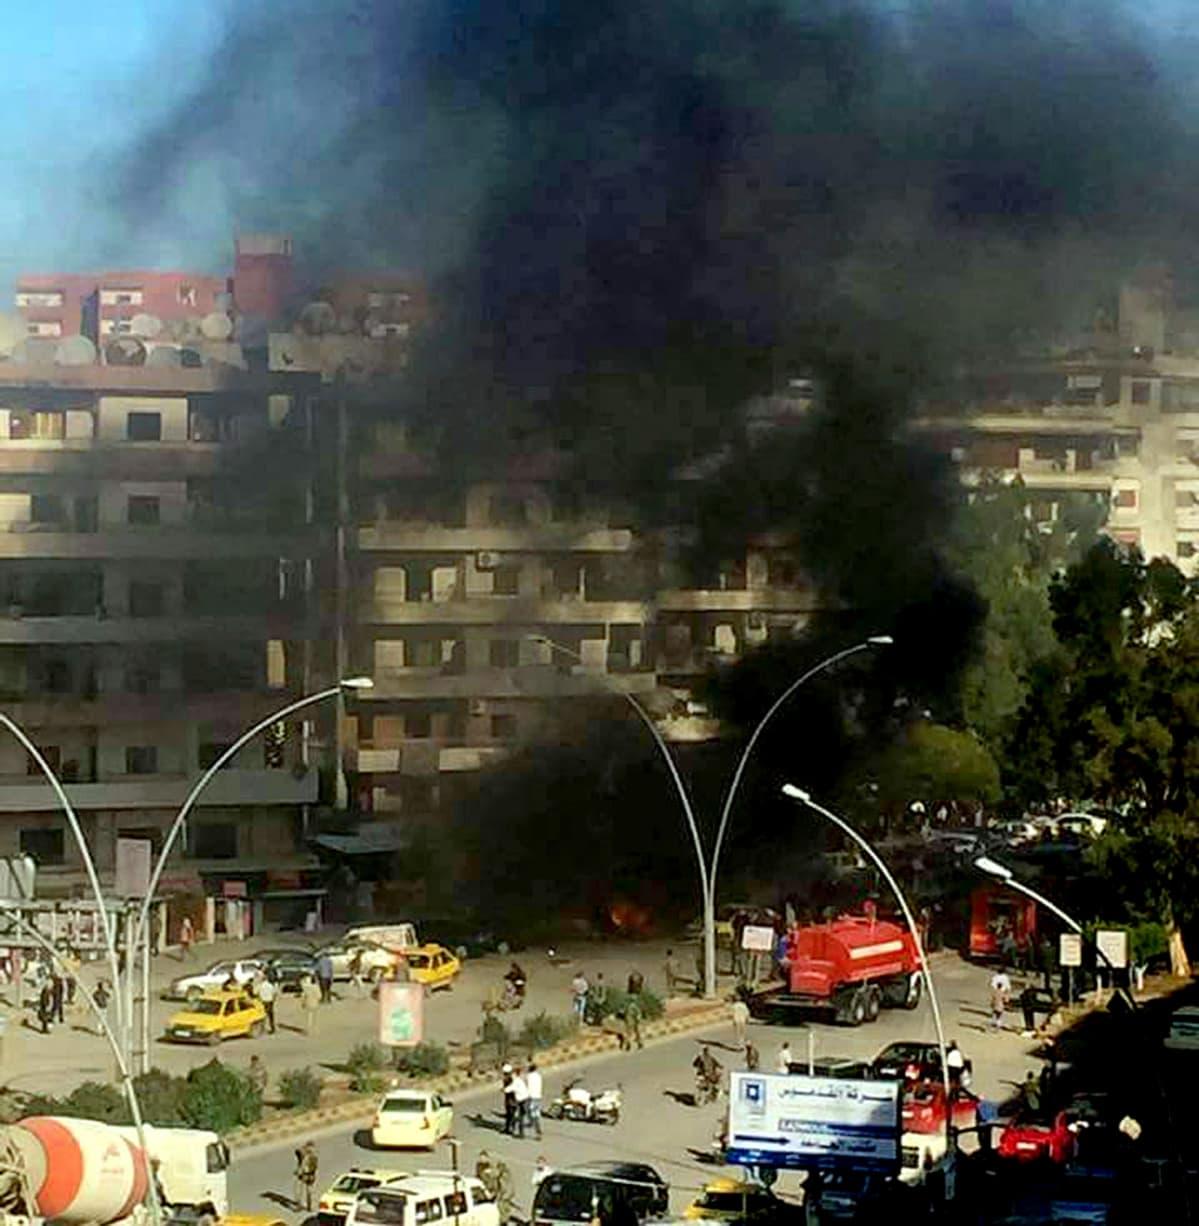 Savua nousee raketti-iskun jäljiltä Latakiassa Syyrian rannikolla.